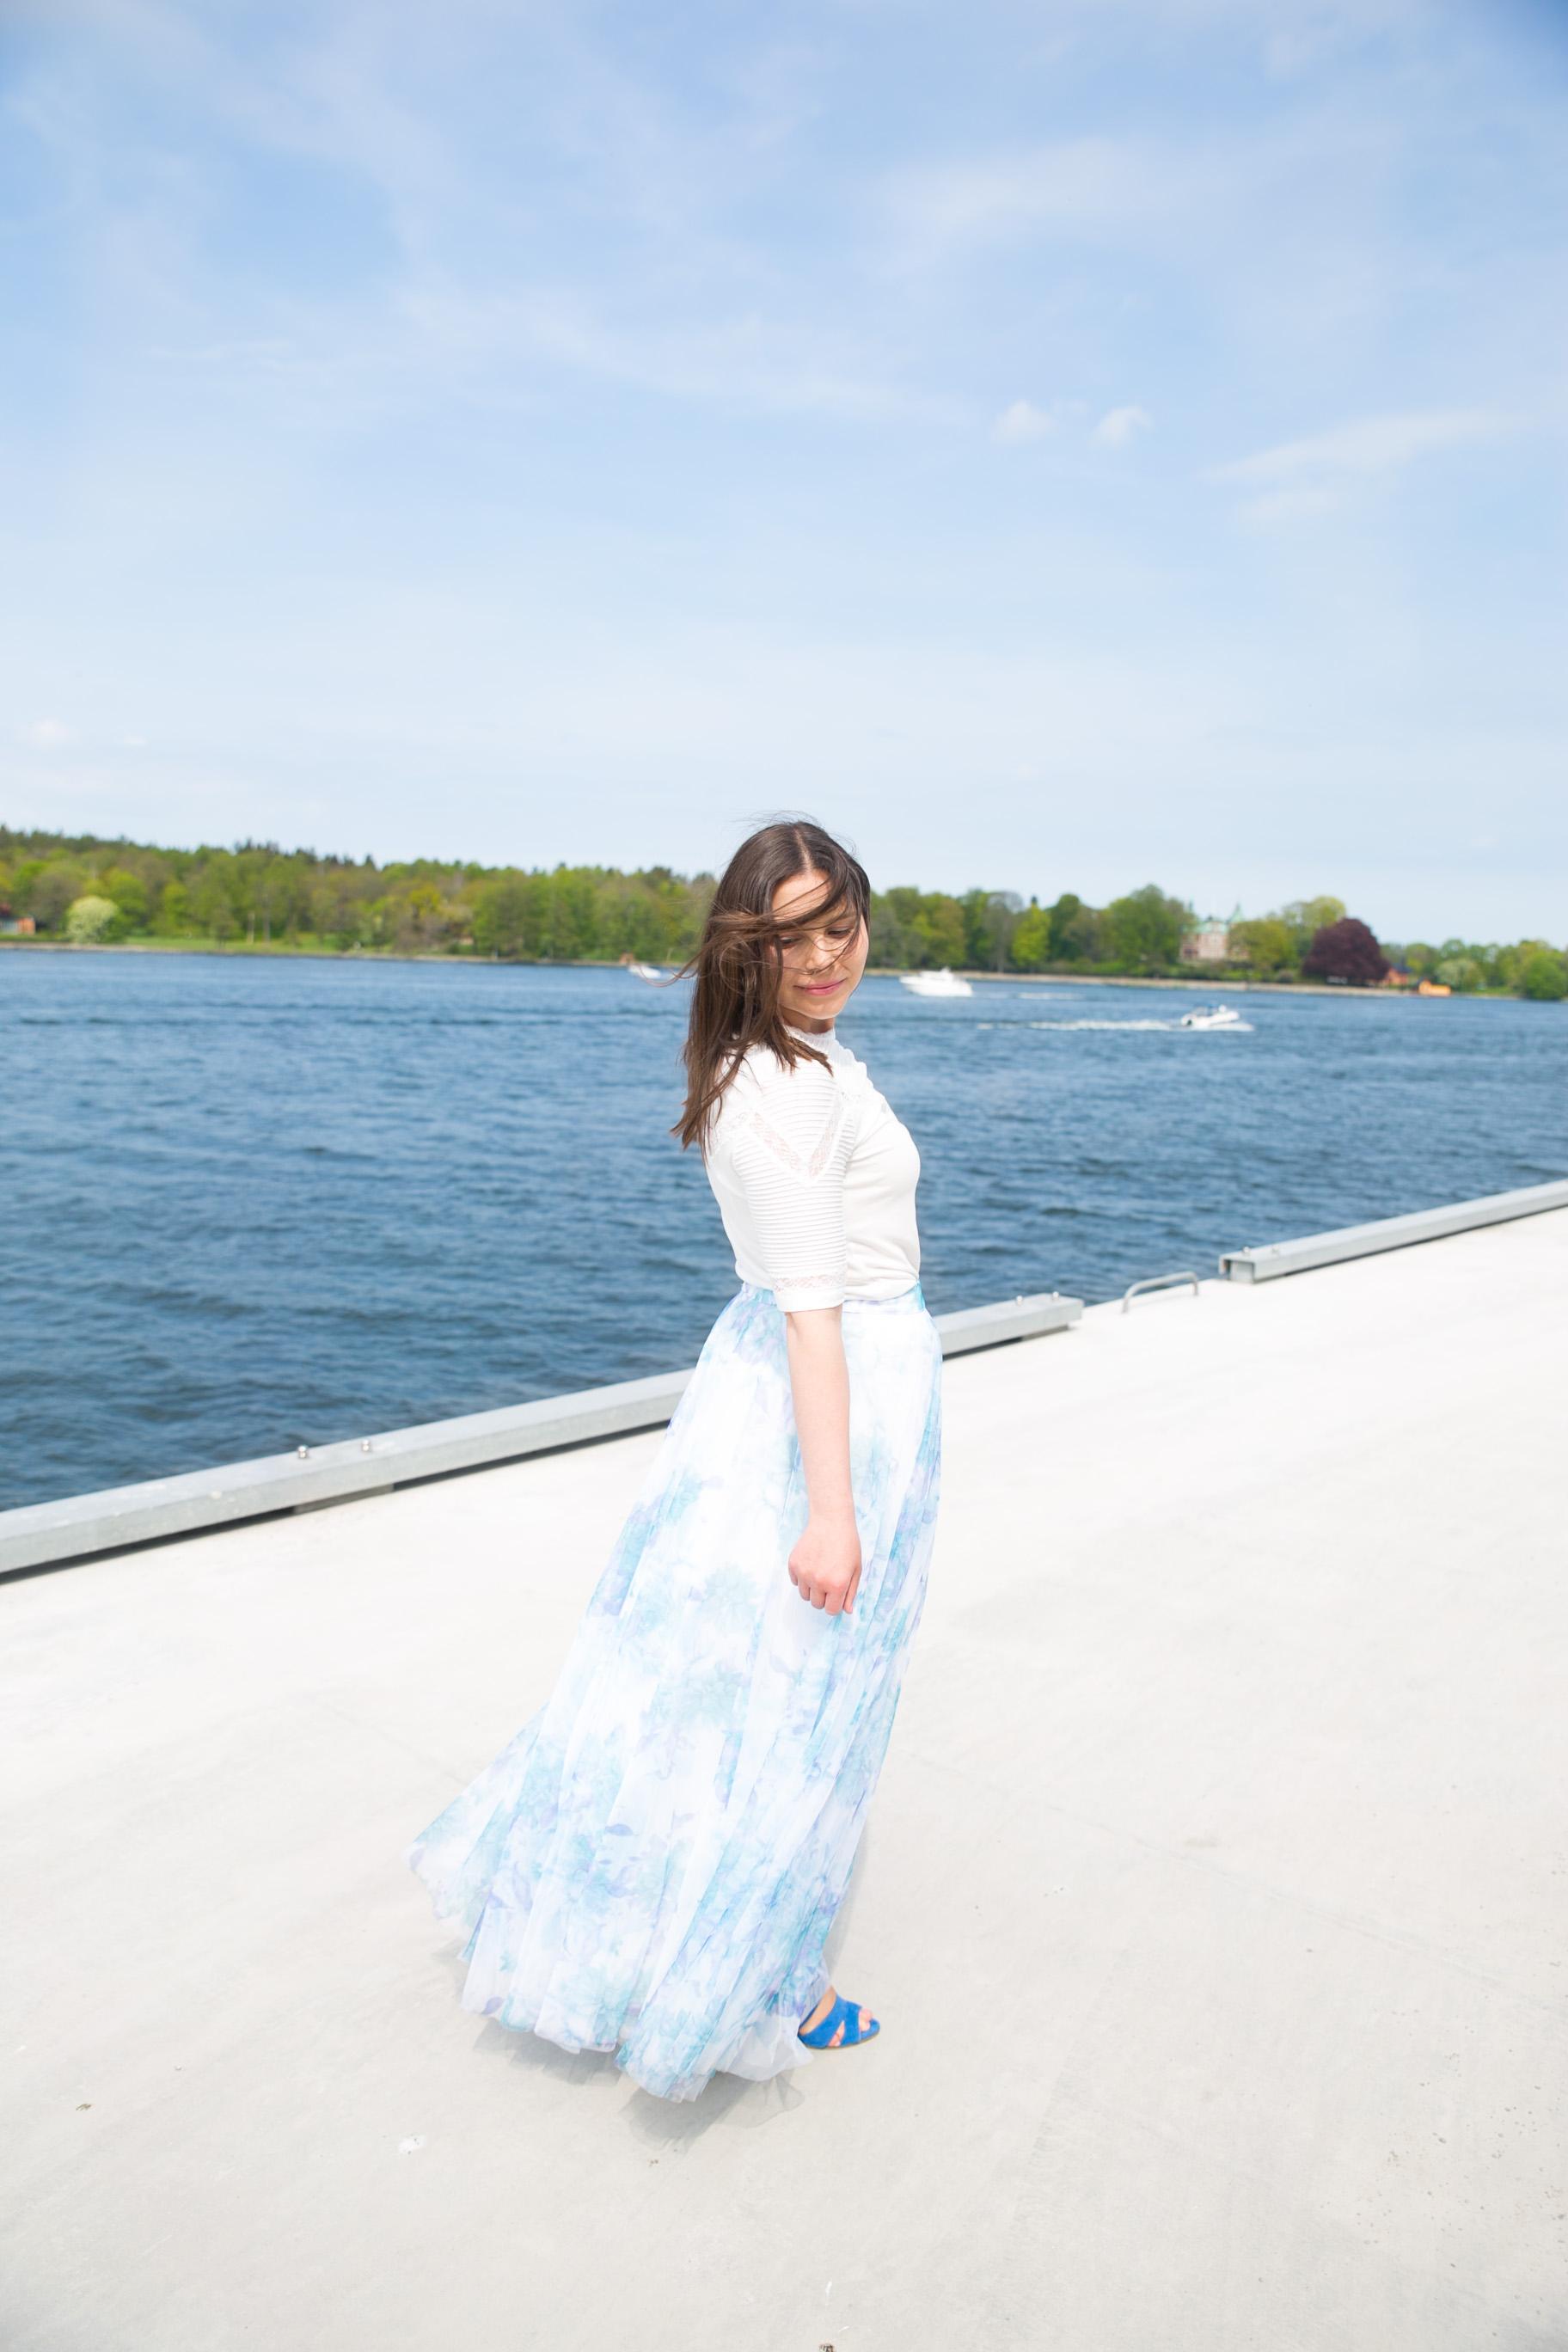 Angelica Aurell kjol mode stil.jpg